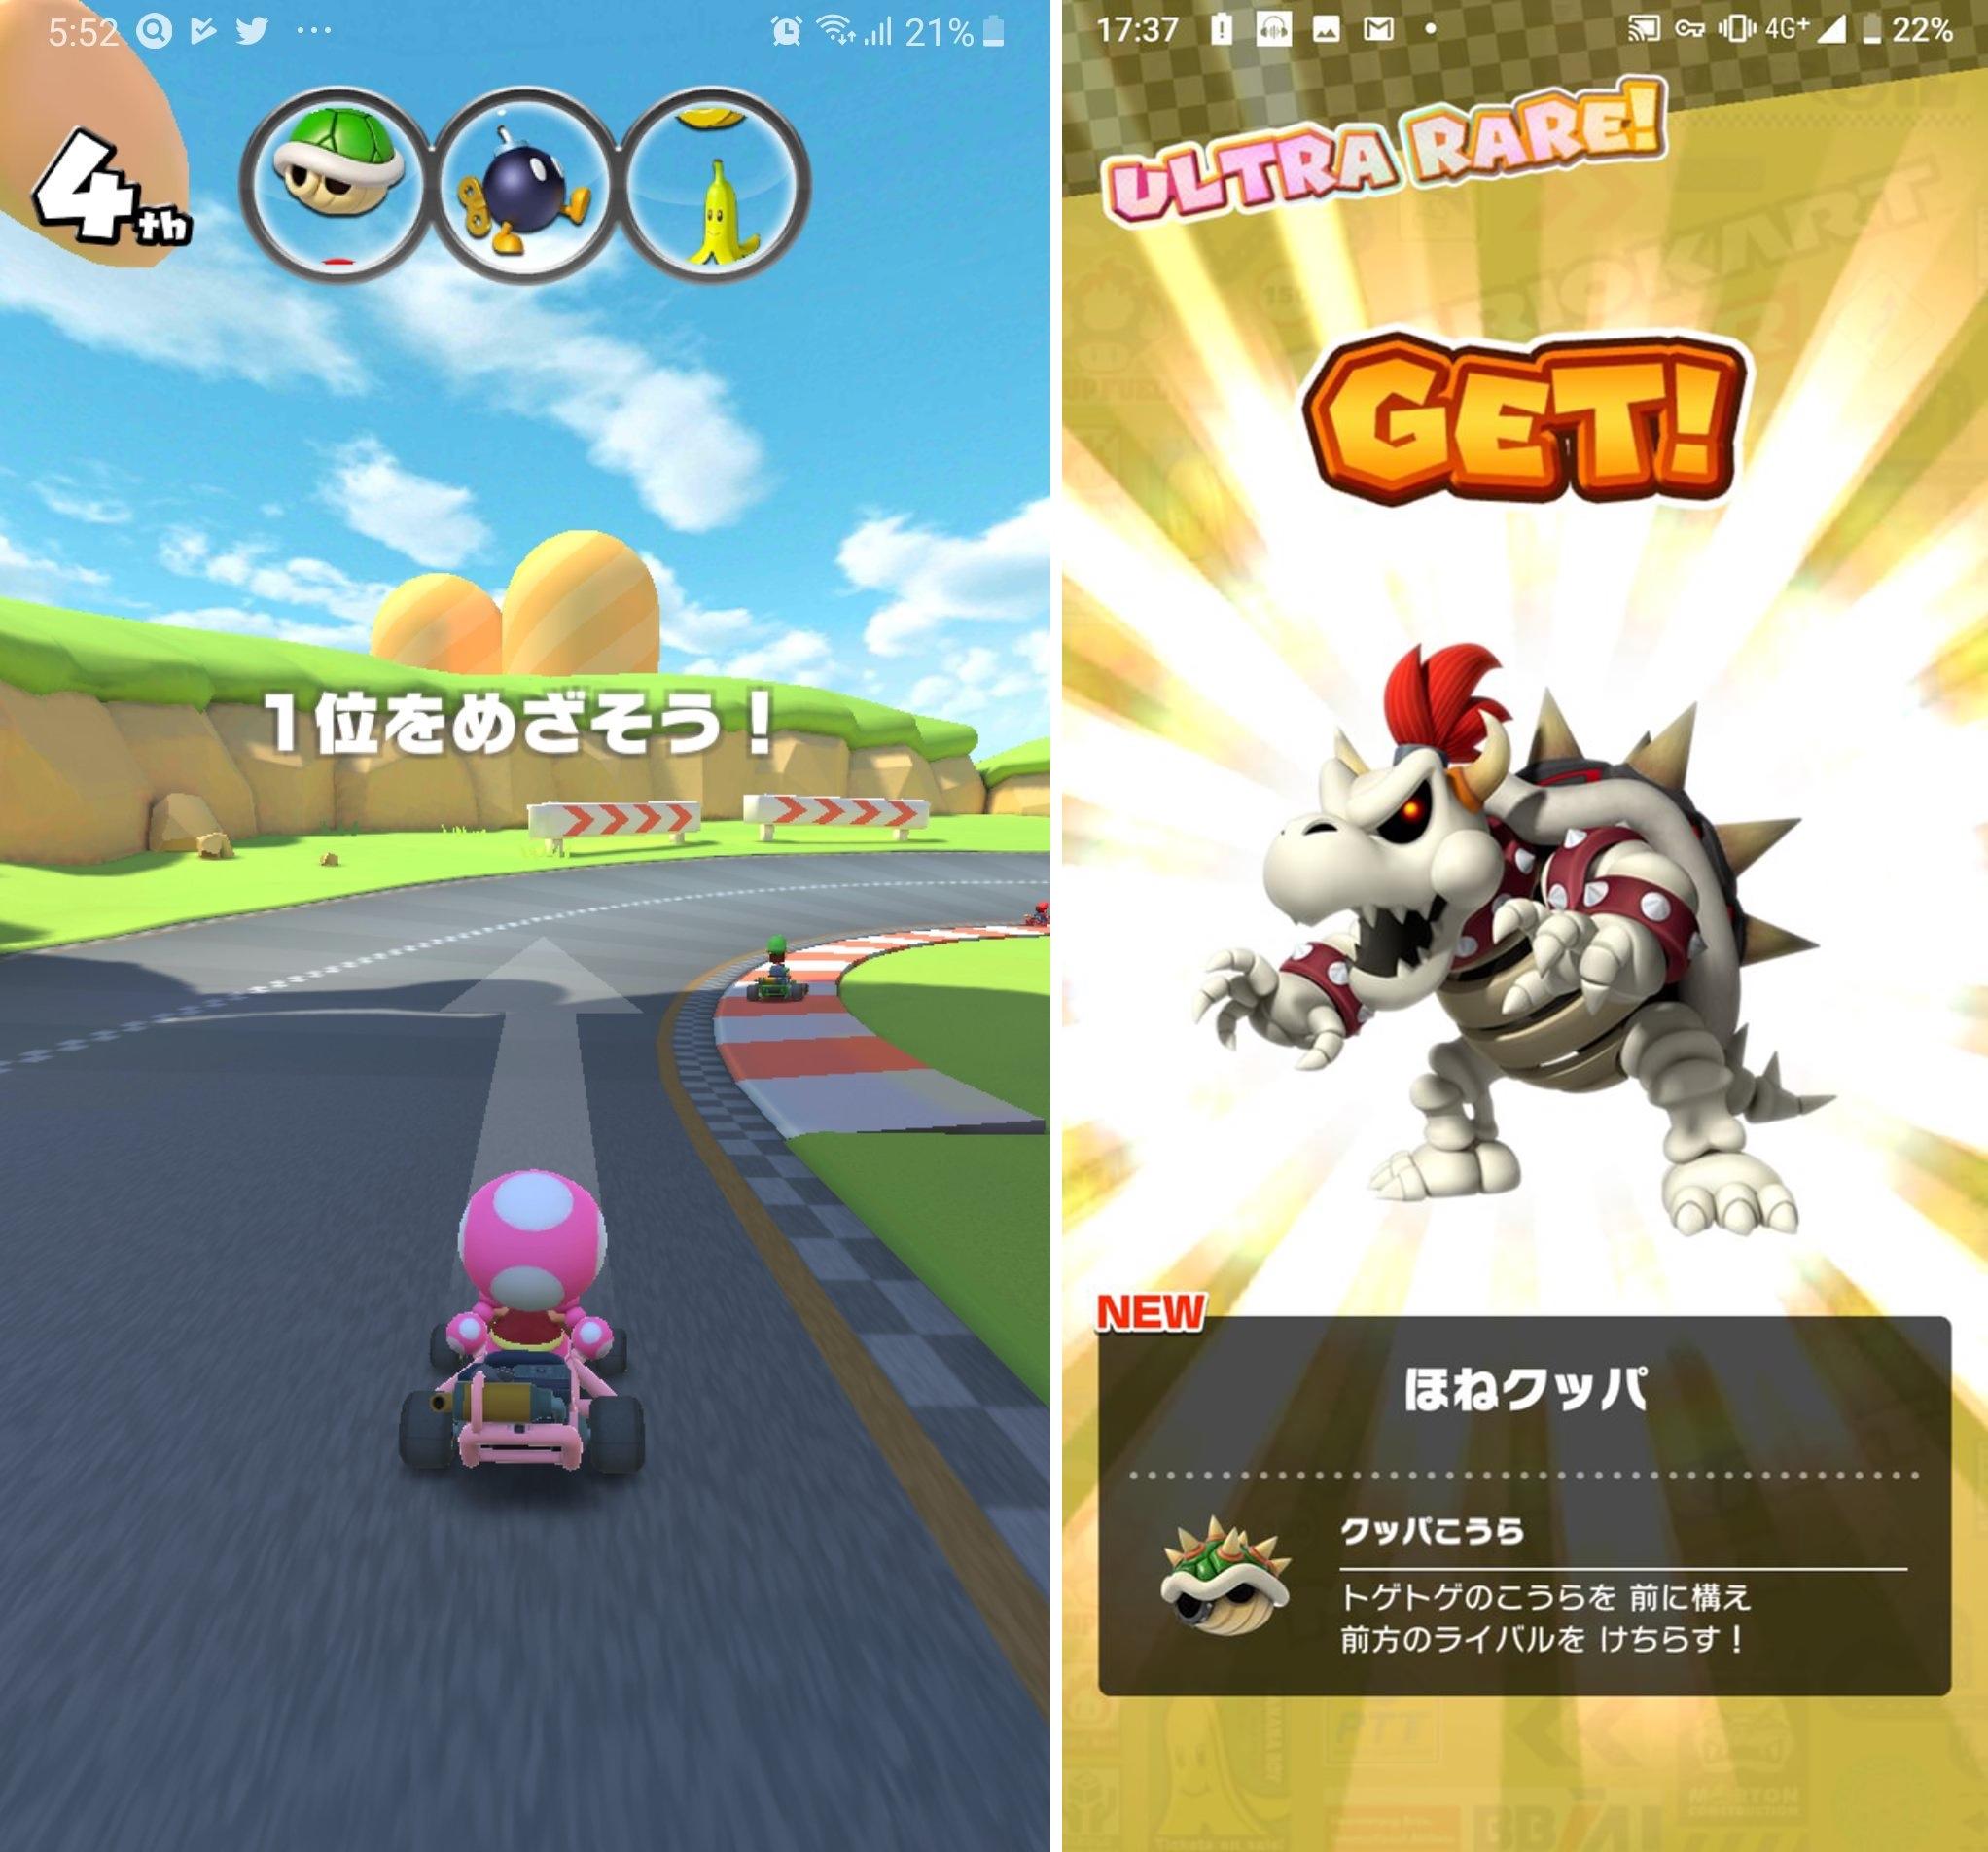 Mario Kart Tour gecombineerd 002